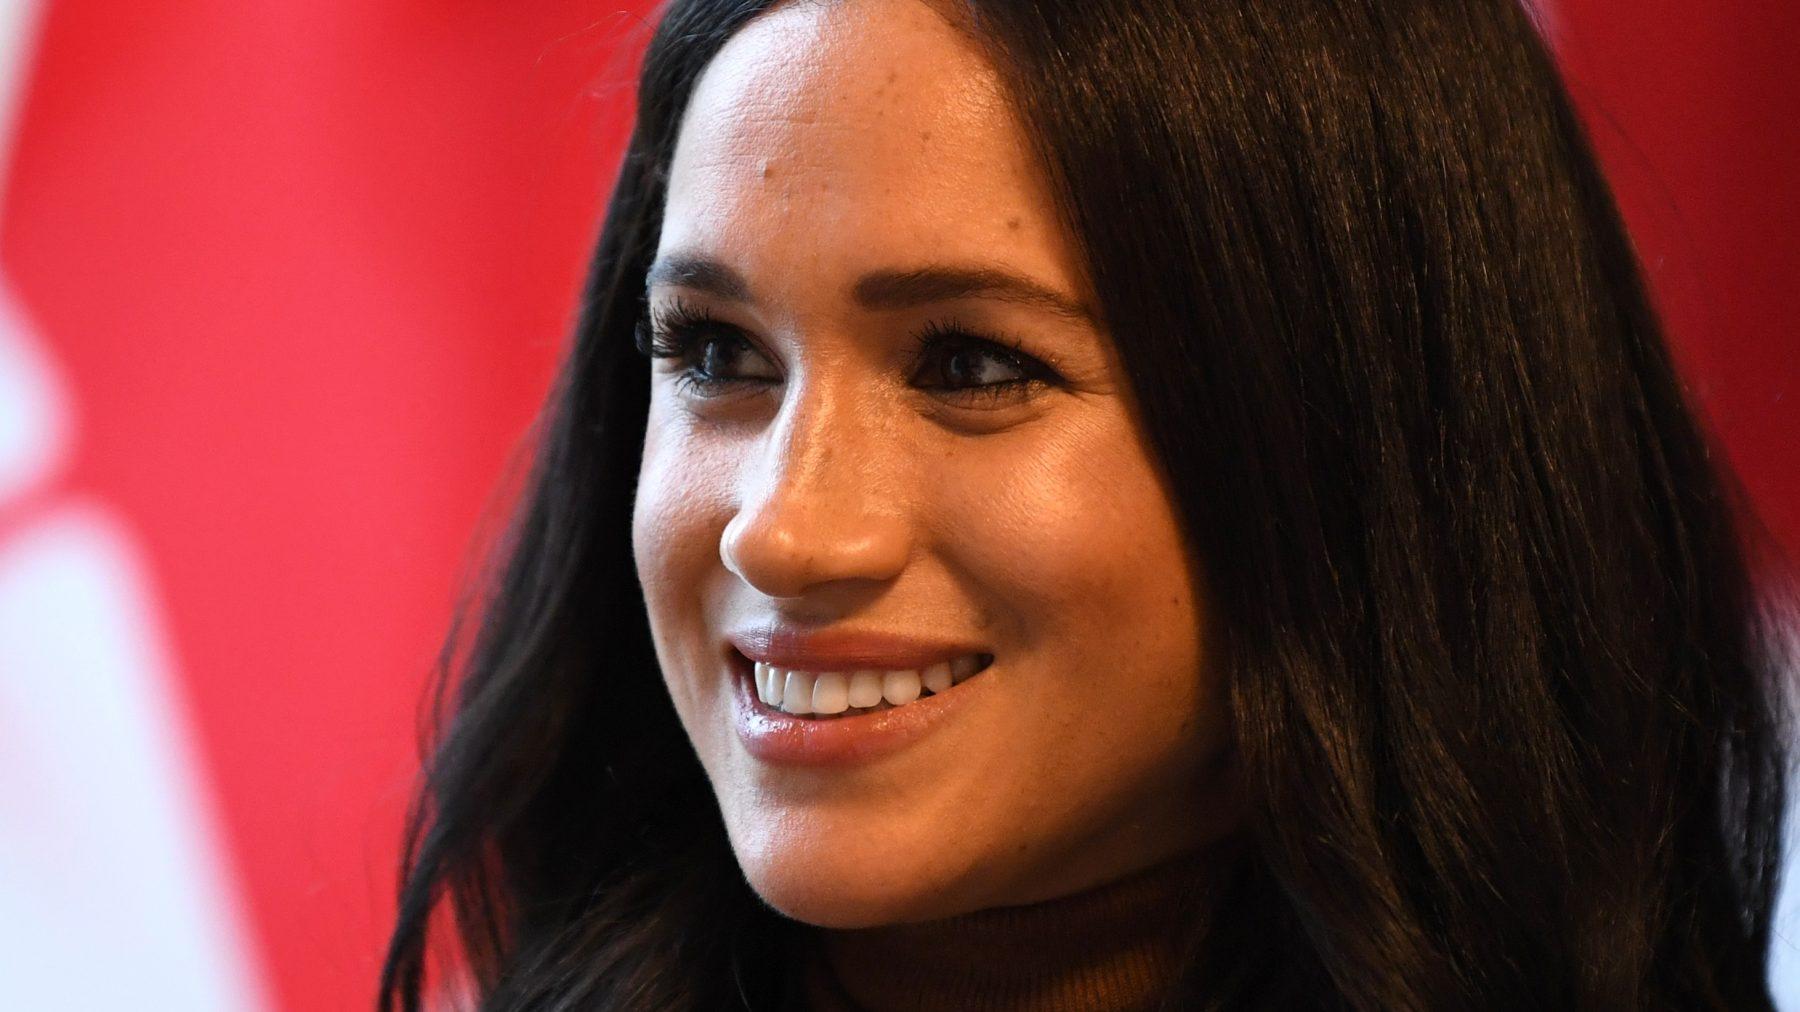 Meghan Markle: 'Buckingham Palace verantwoordelijk voor wijzigen naam geboorteakte'